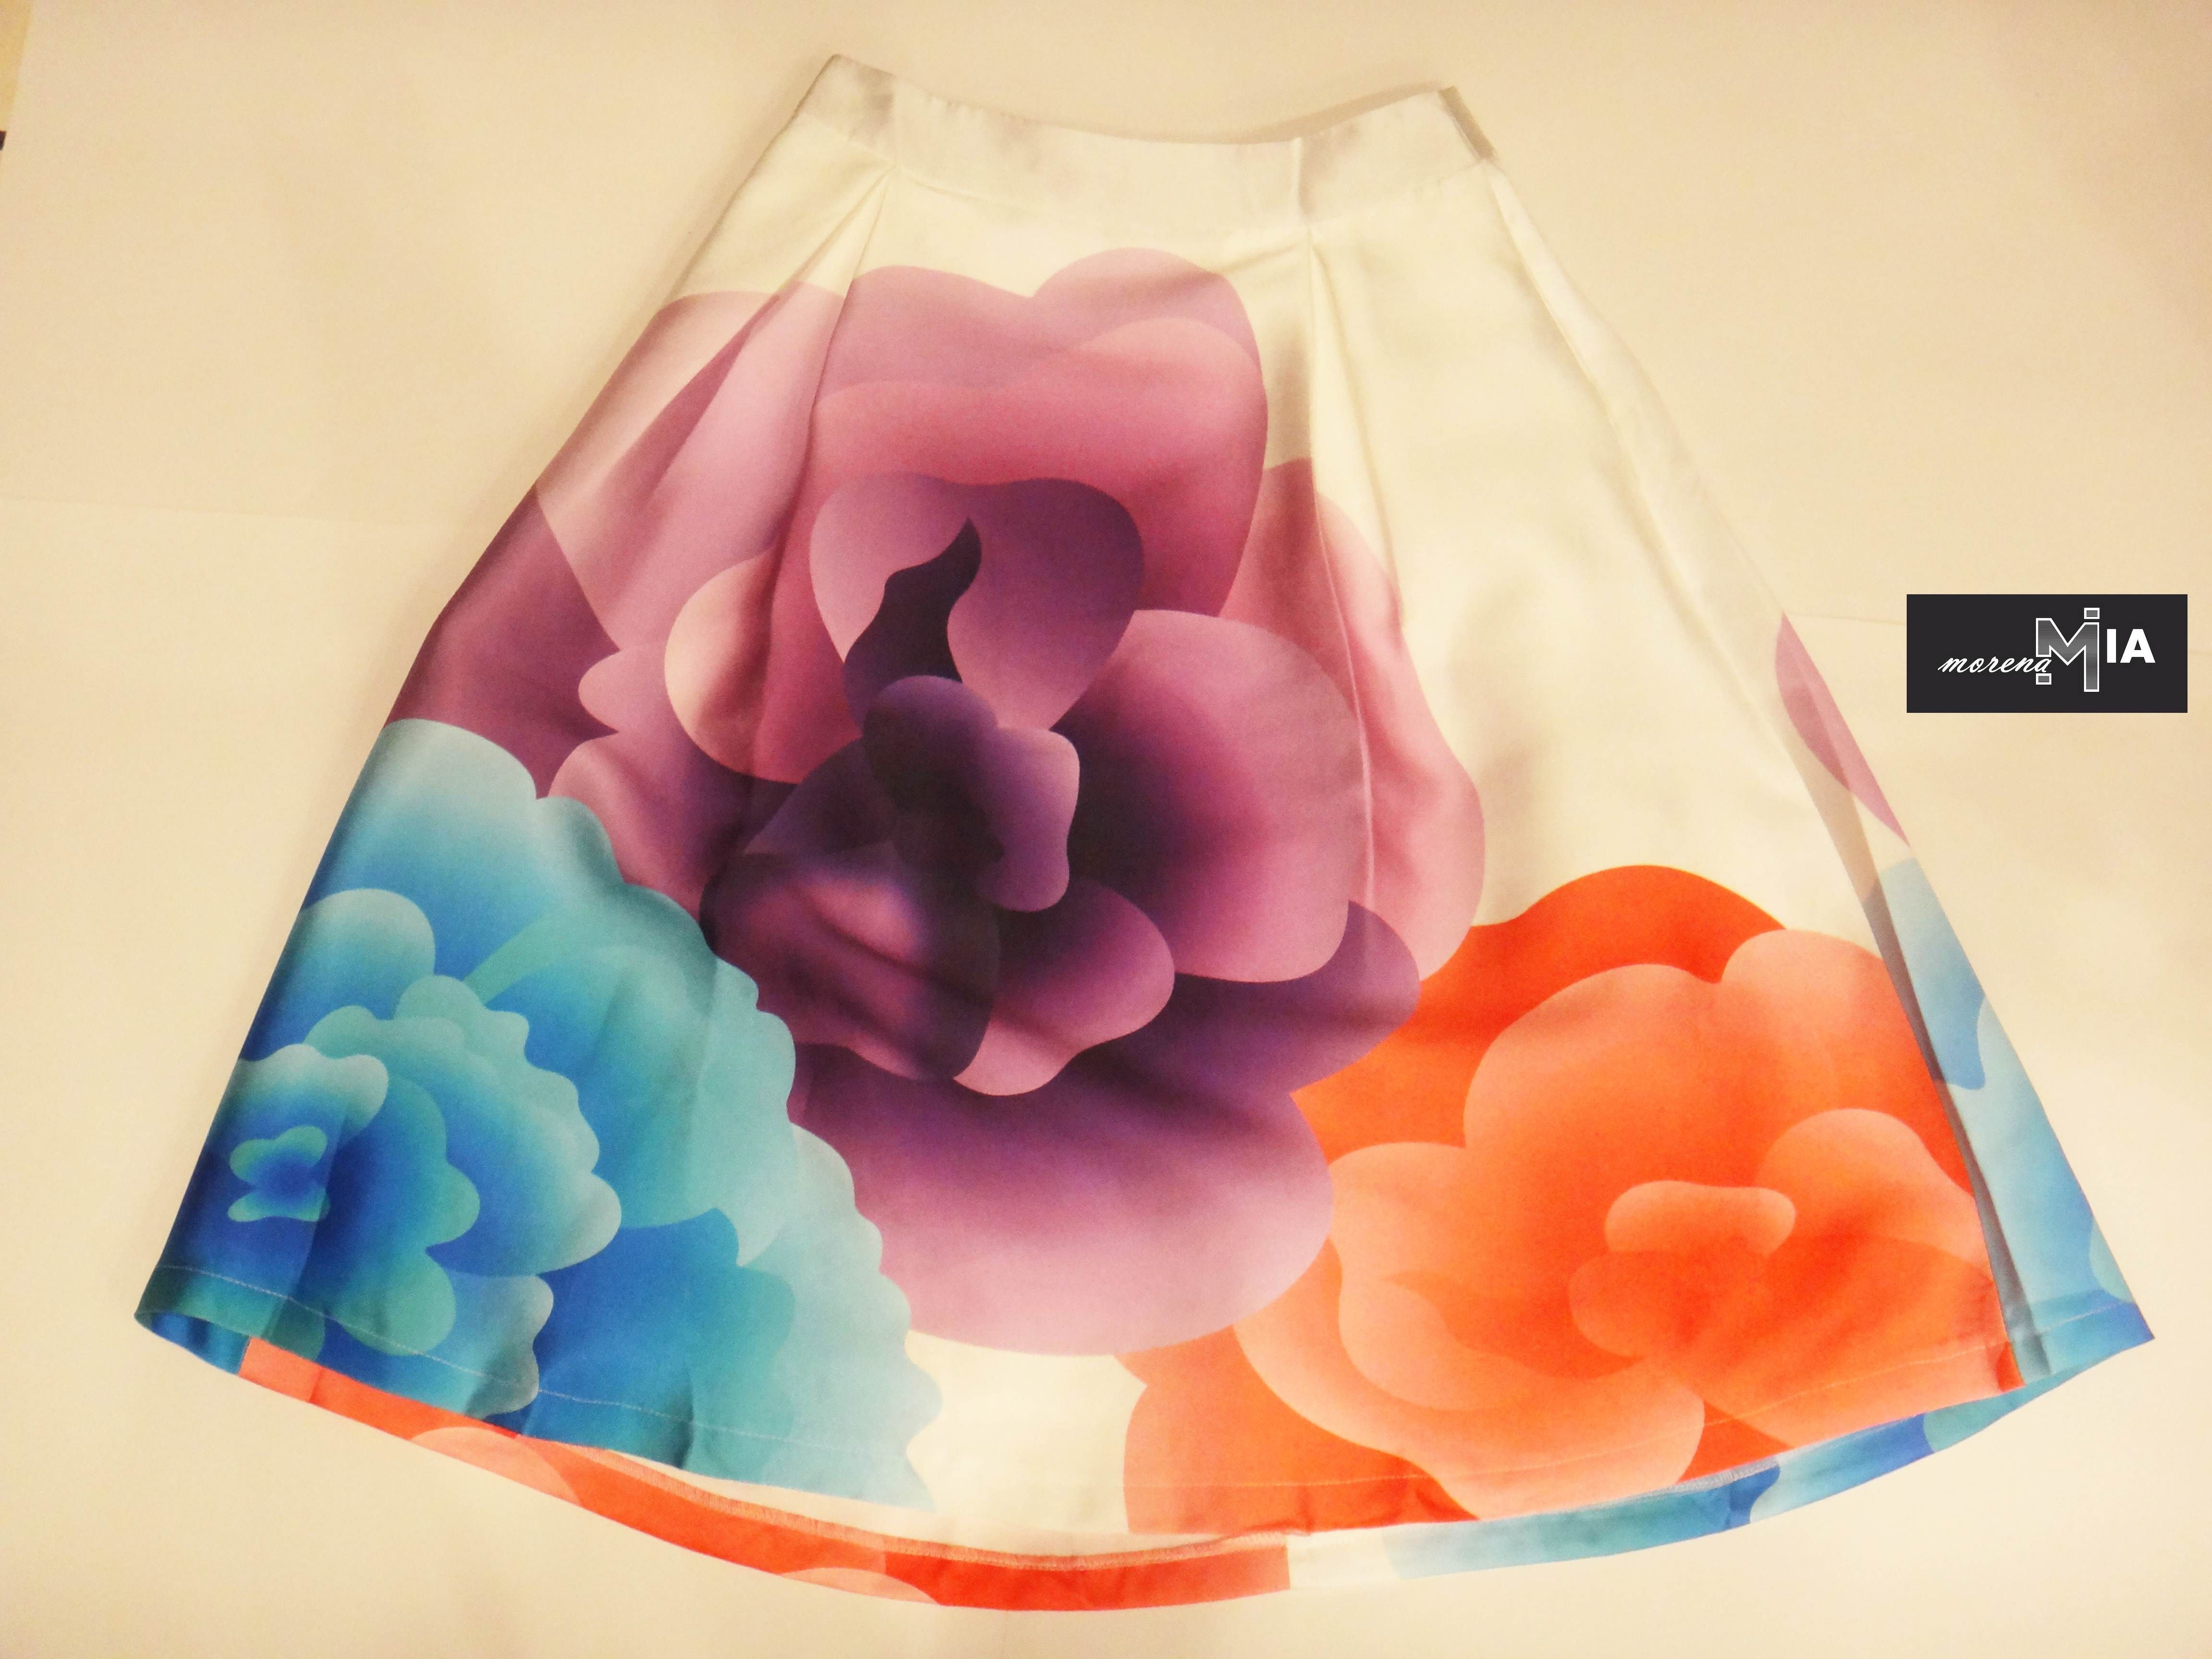 Esta temporada las faldas se han convertido en imprescindible y eso que en invierno solemos ver más pantalones que otra cosa. En Morena Mia las hay de todos los largos y para todos los gustos. Visitanos #Outfit #skirt #floral #outfitidea